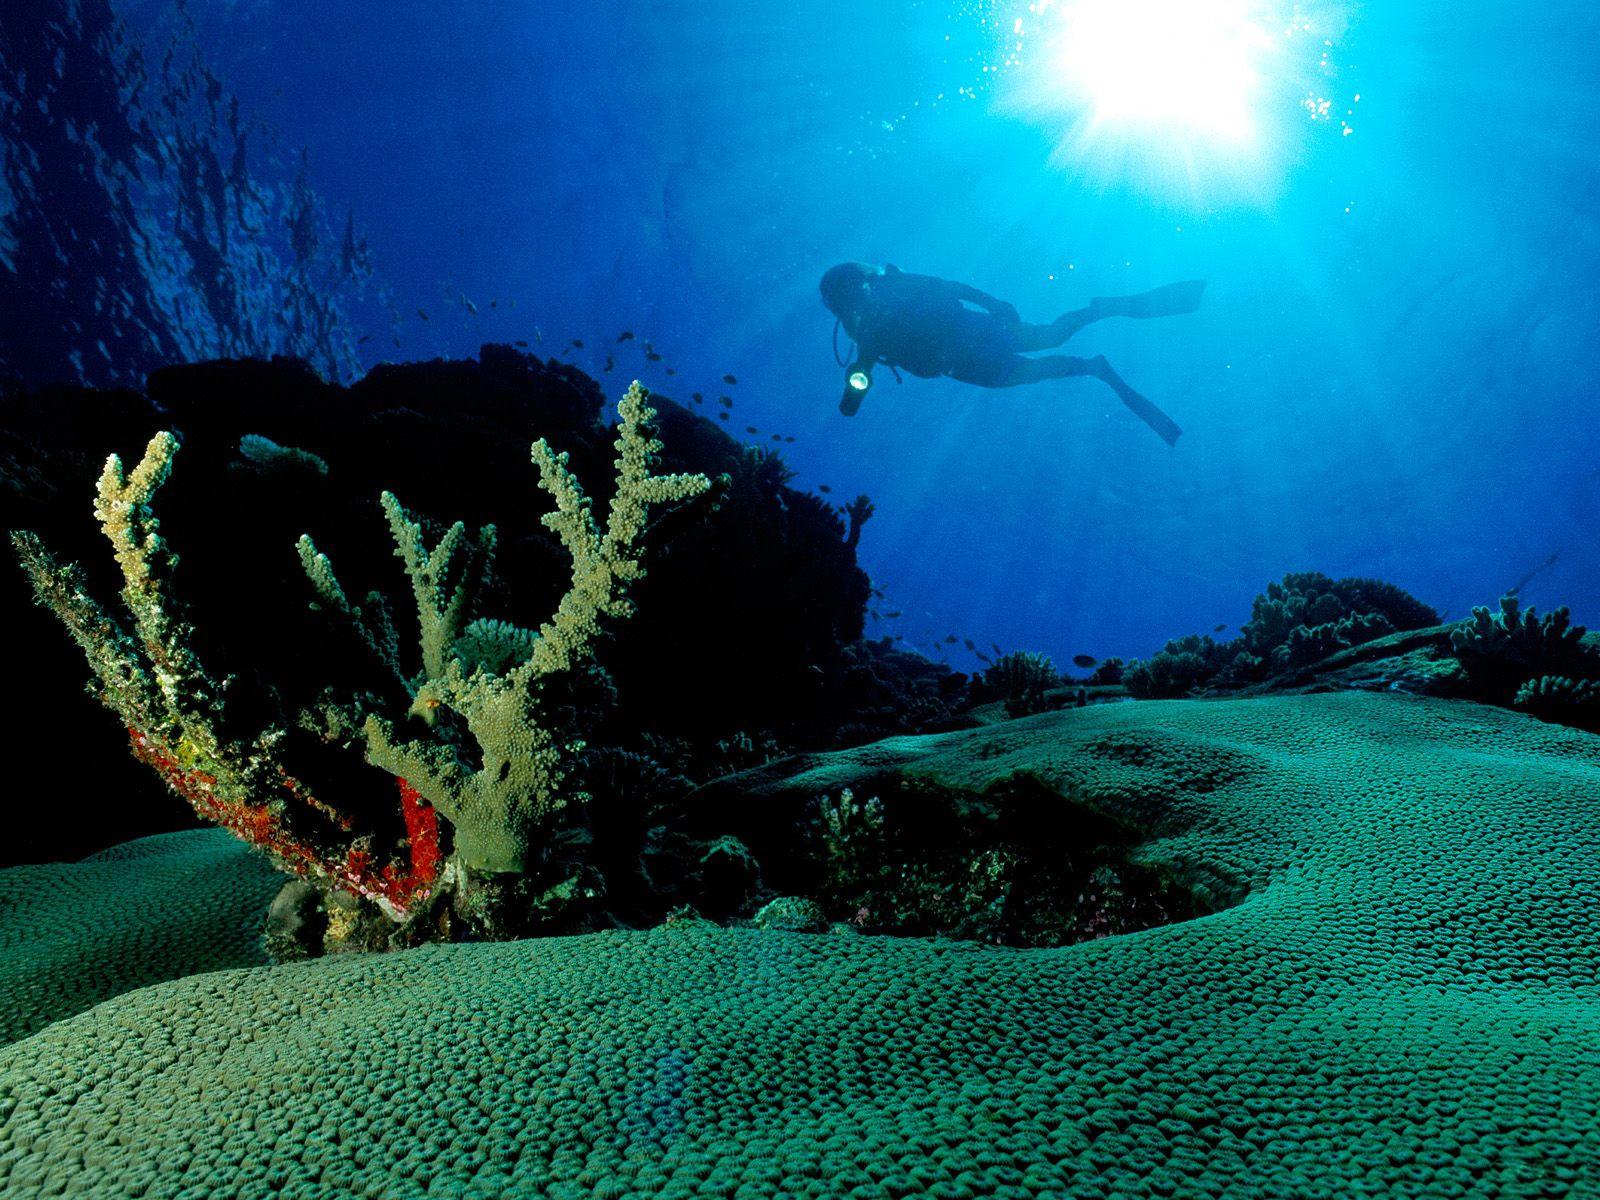 Underwater Hd Wallpaper Hd Wallpaper